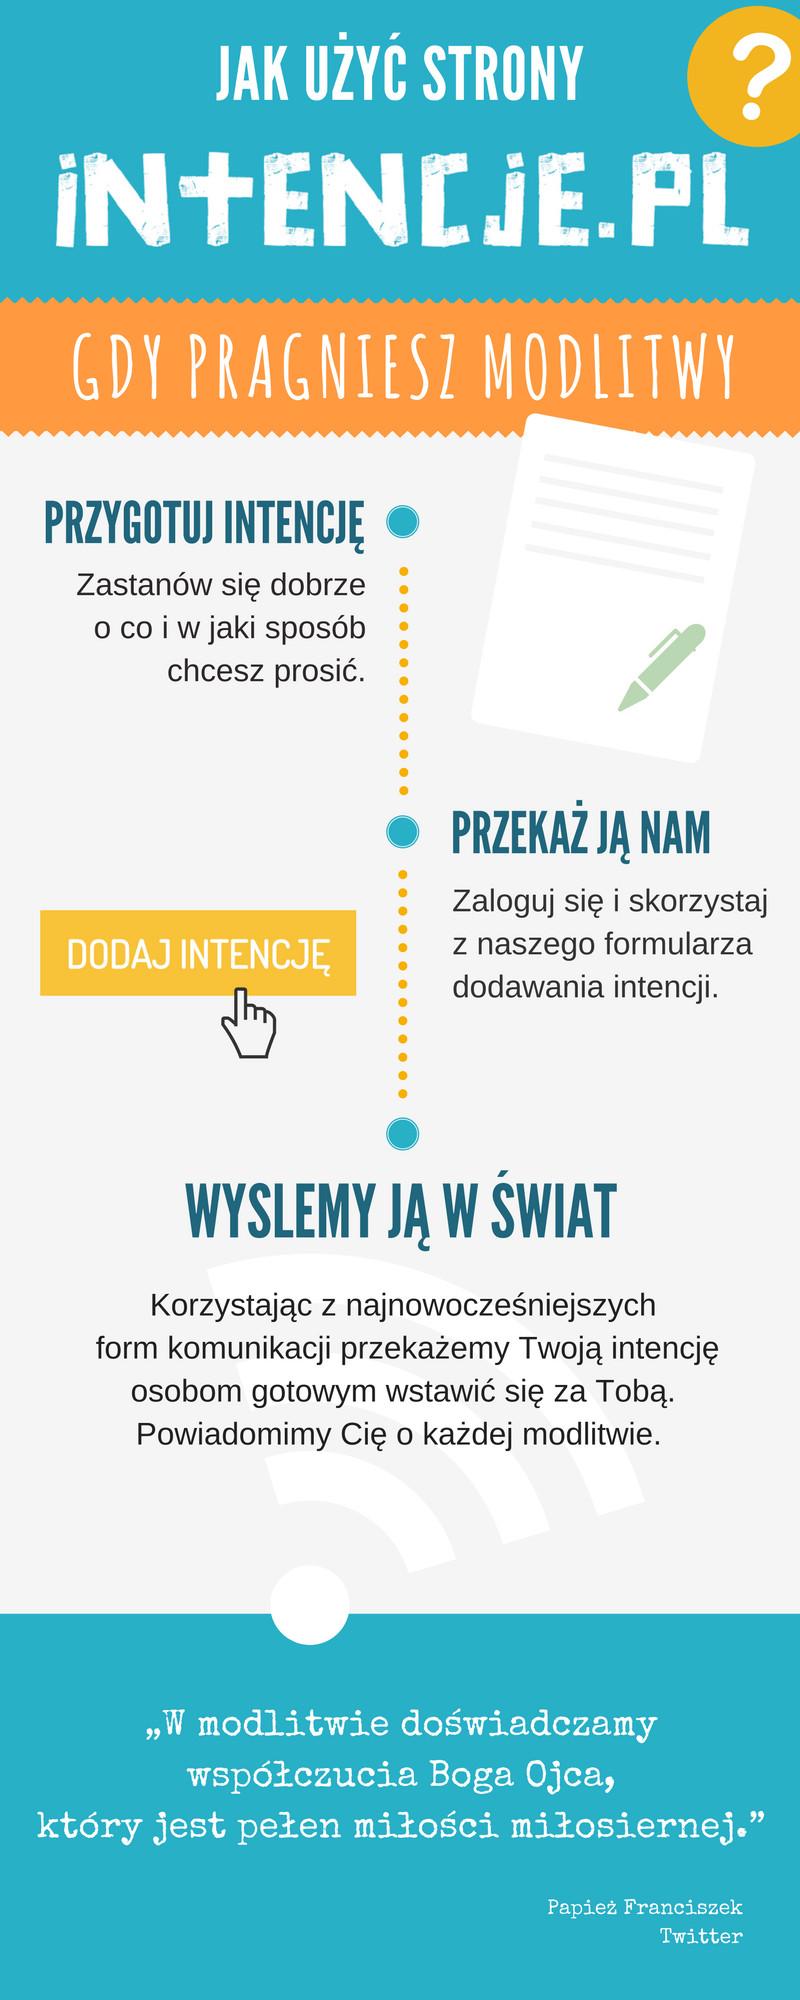 Jak użyć strony Intencje.pl gdy potrzebujesz modlitwy?